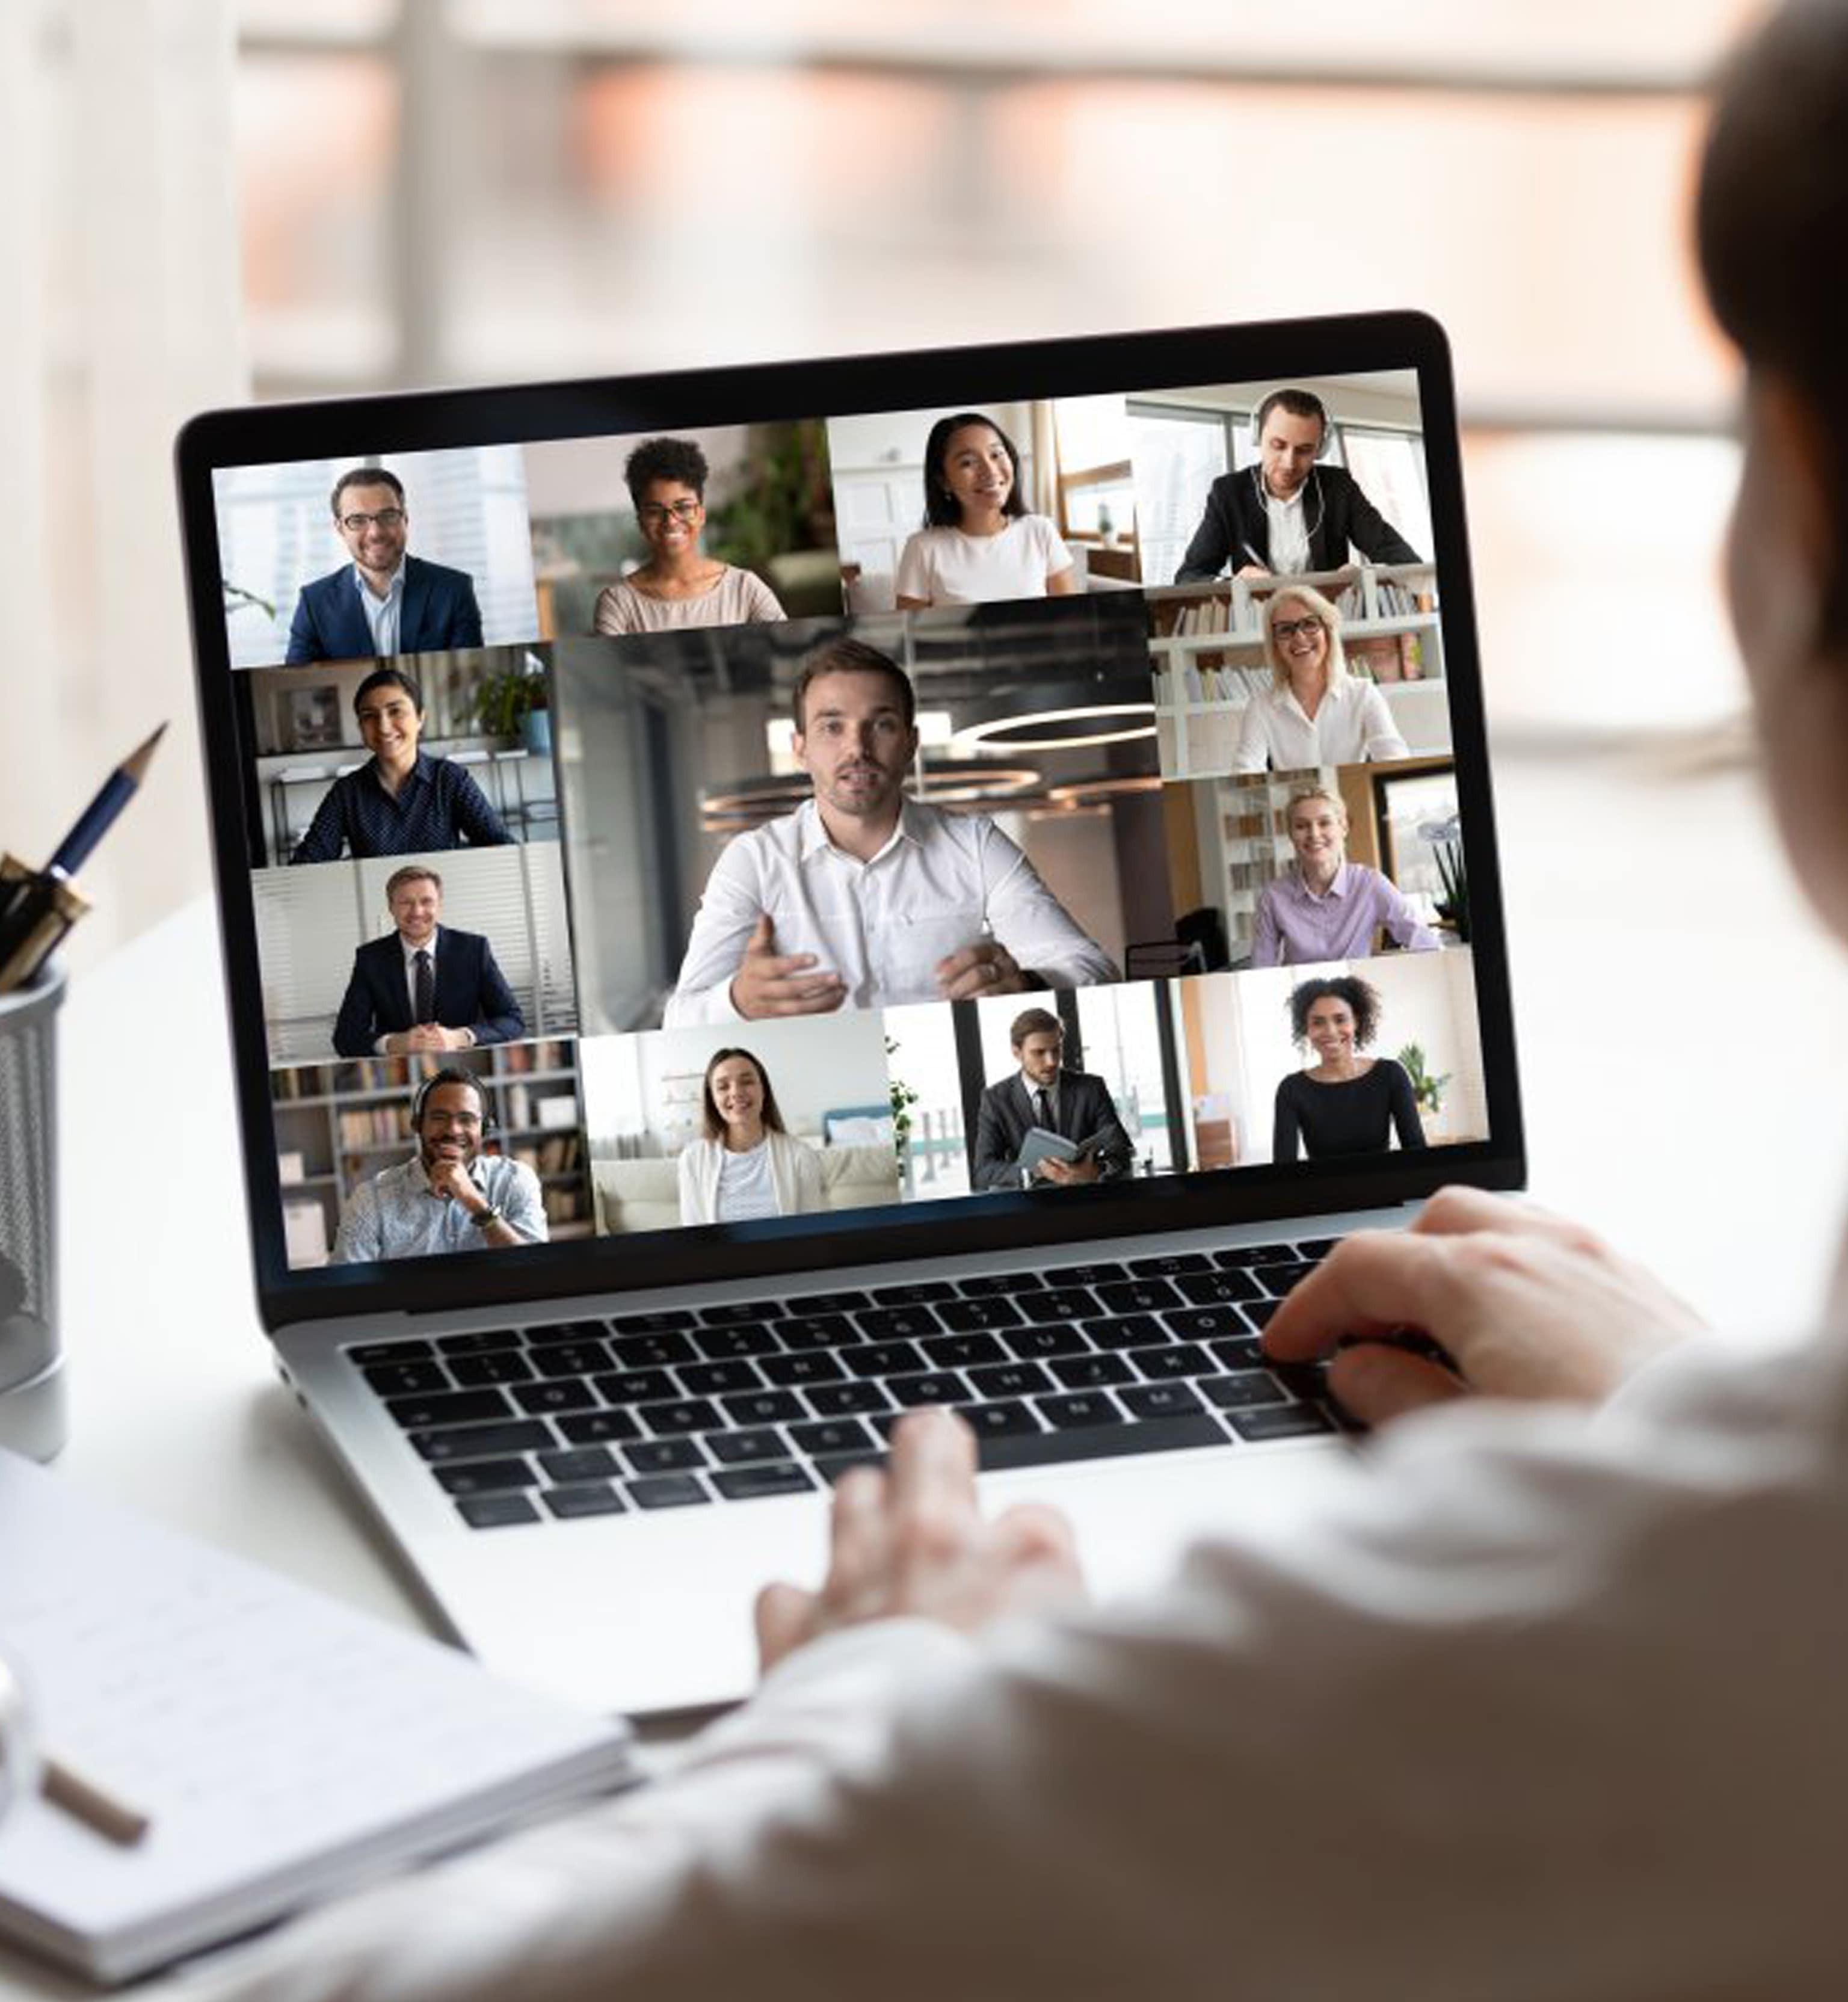 Jenis-jenis Workshop Online yang paling Bermanfaat